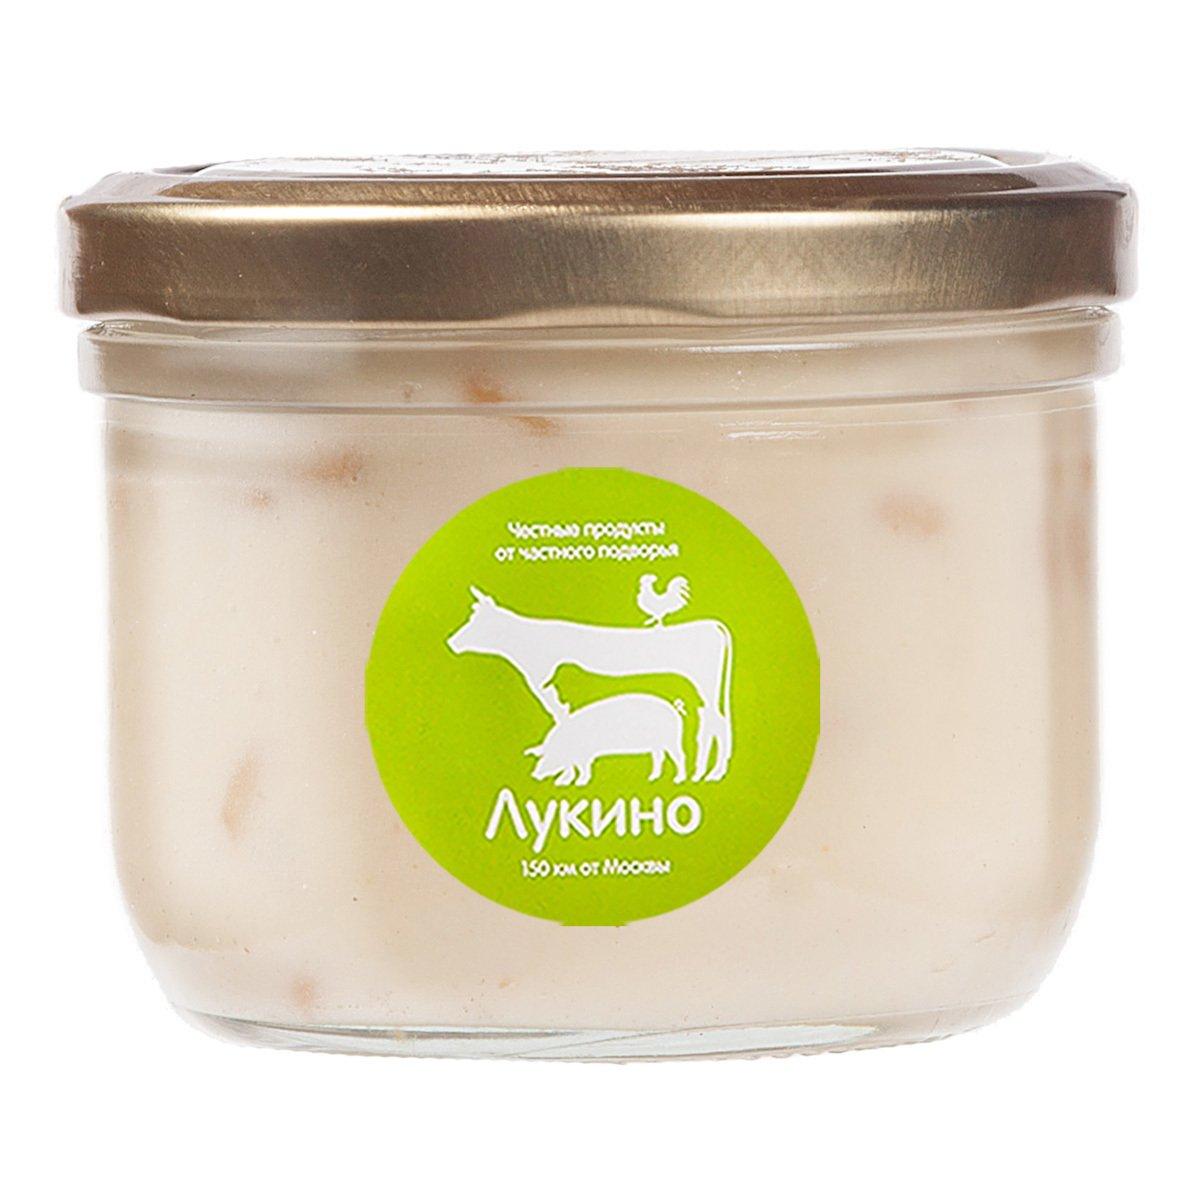 Таёжный крем-мёд с кедровыми орешками